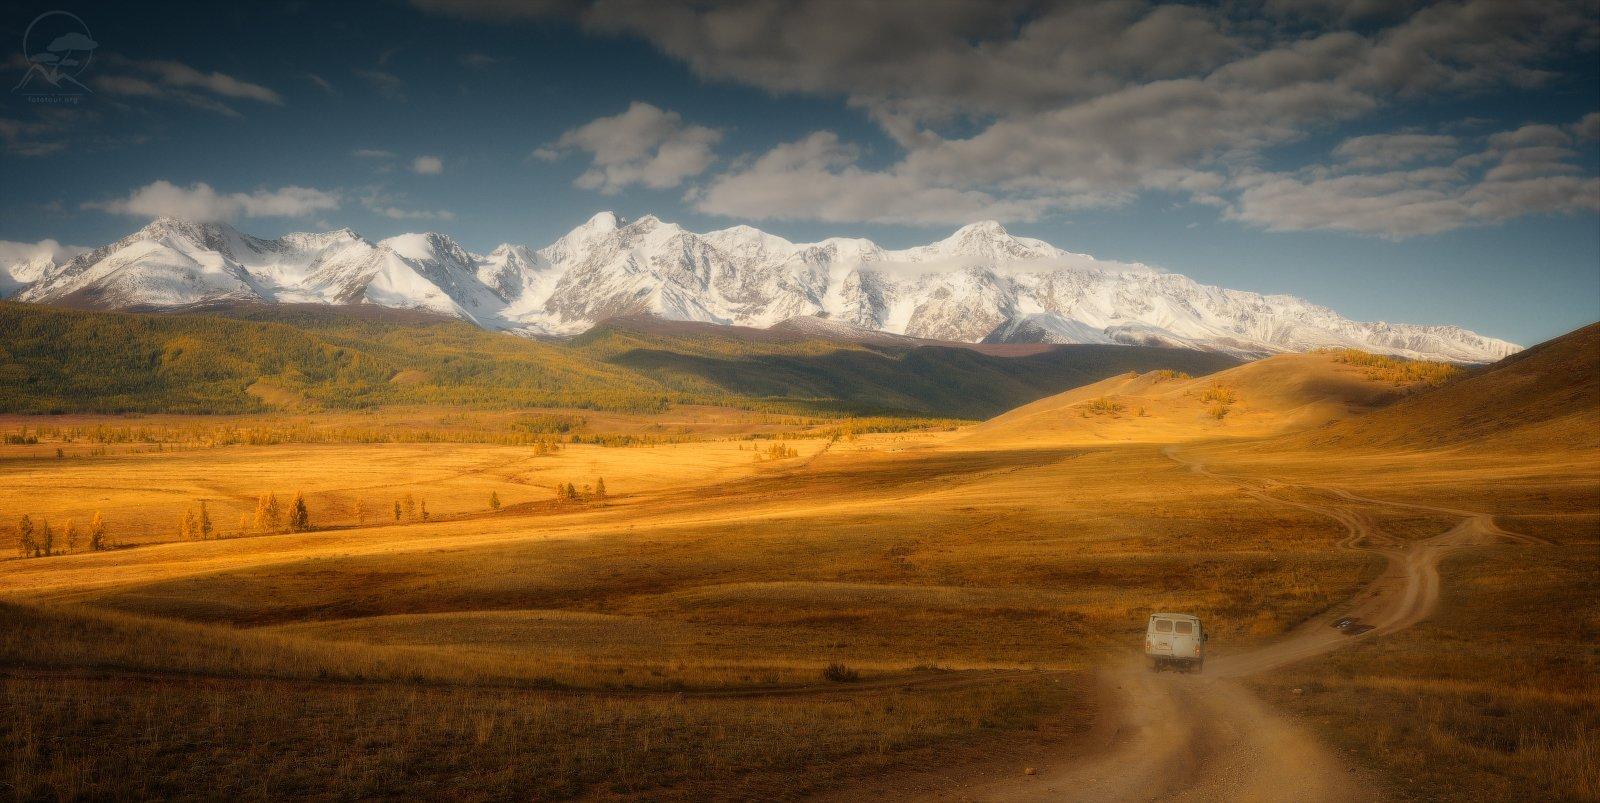 пейзж, природа, горы, алтай, курай, осень, Гордиенко Анатолий